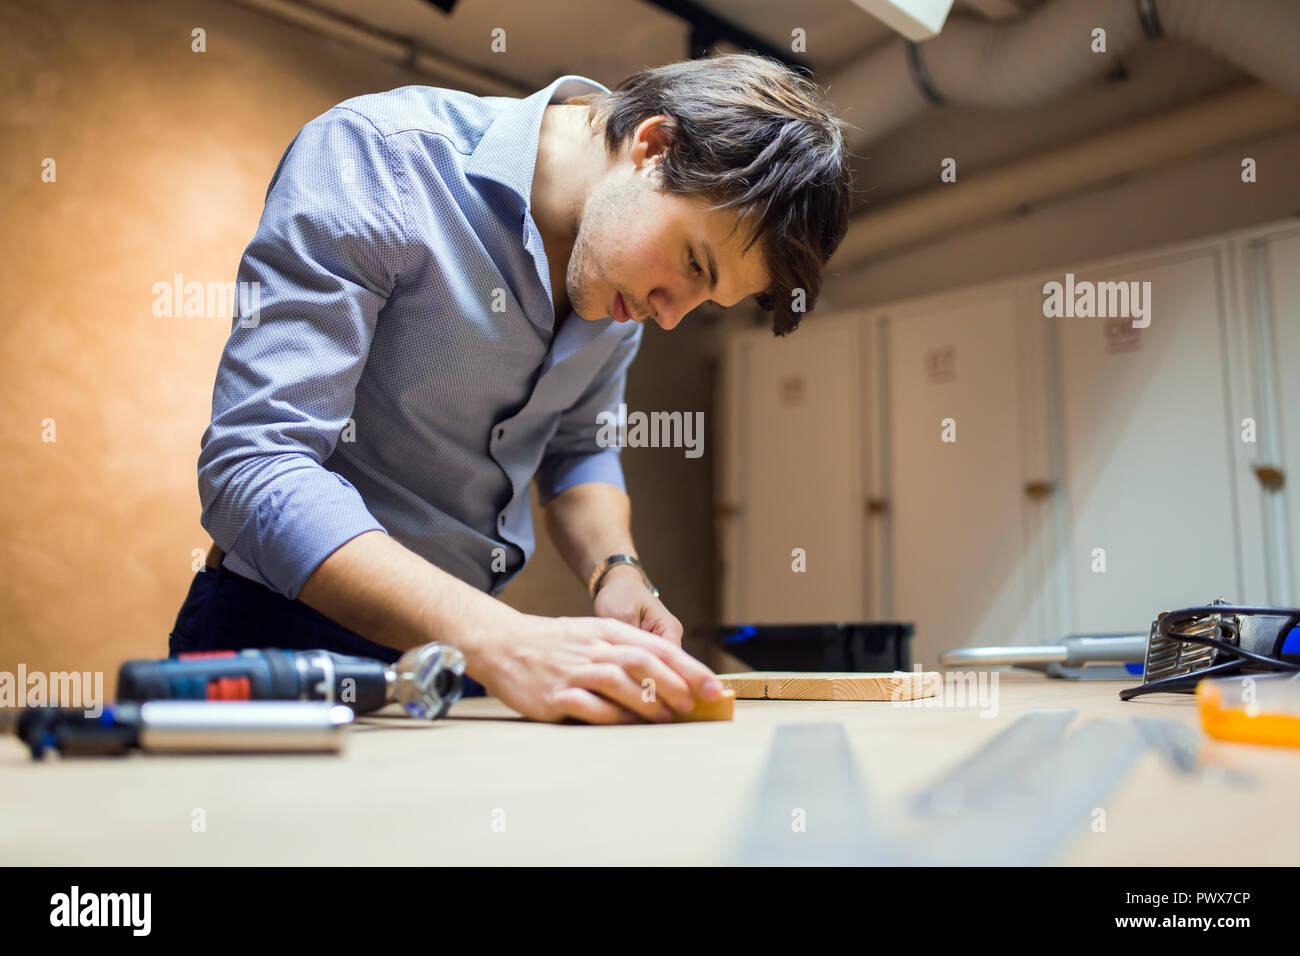 Tuttofare per la lavorazione del legno Immagini Stock